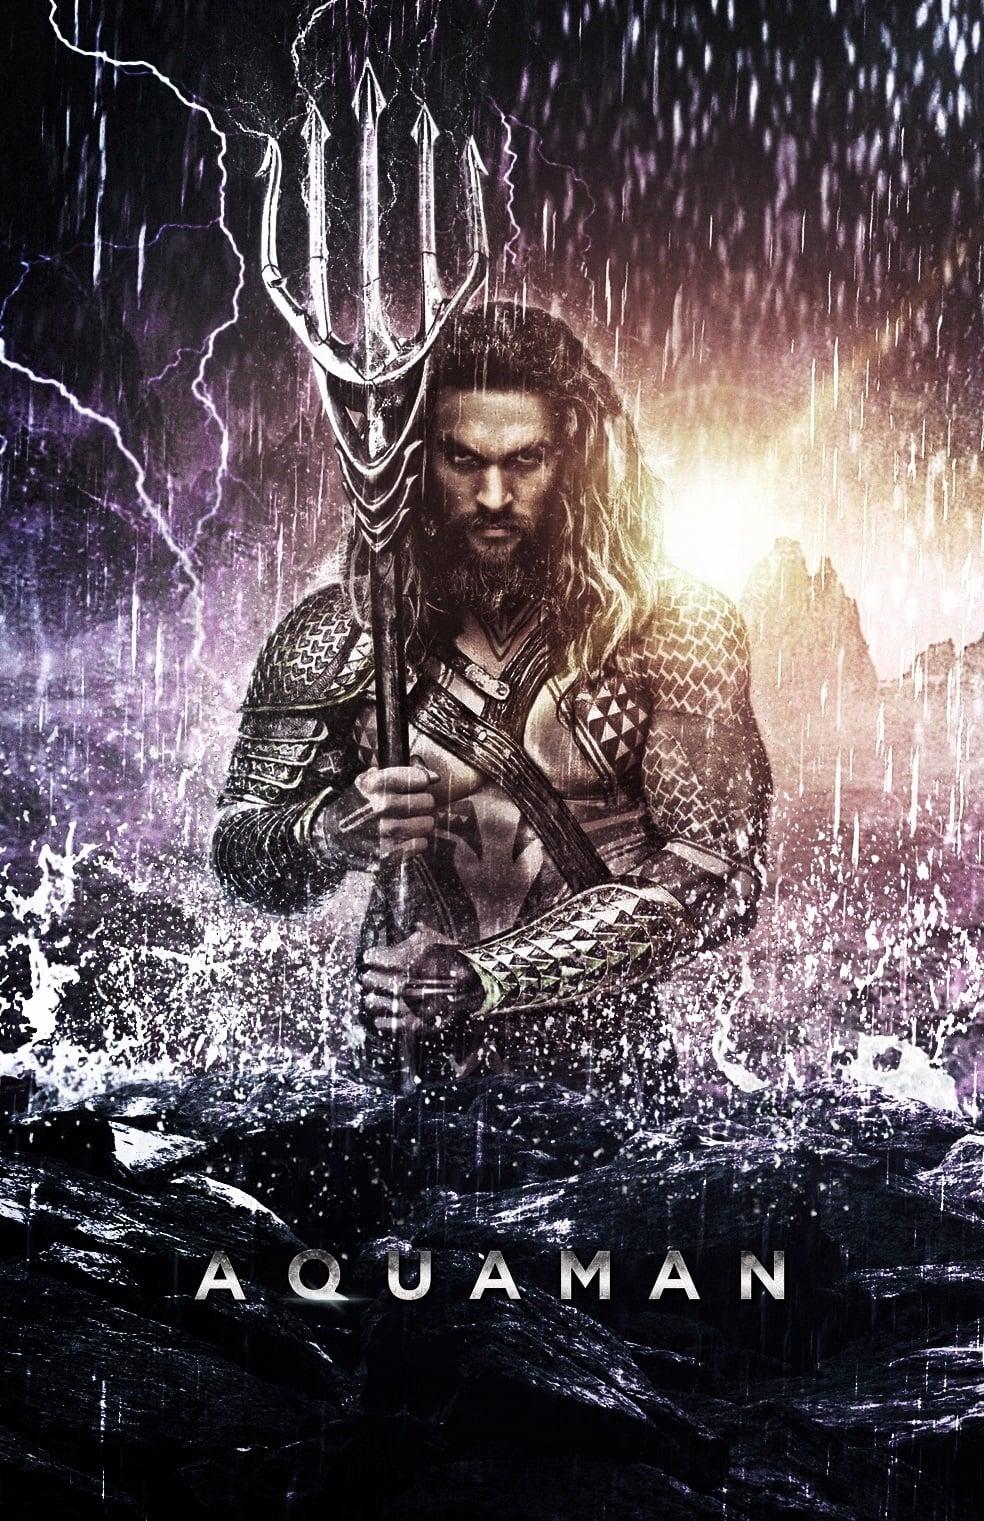 Aquaman 2018 Film Complet En Francais Streaming : aquaman, complet, francais, streaming, Aquaman, Stream, English